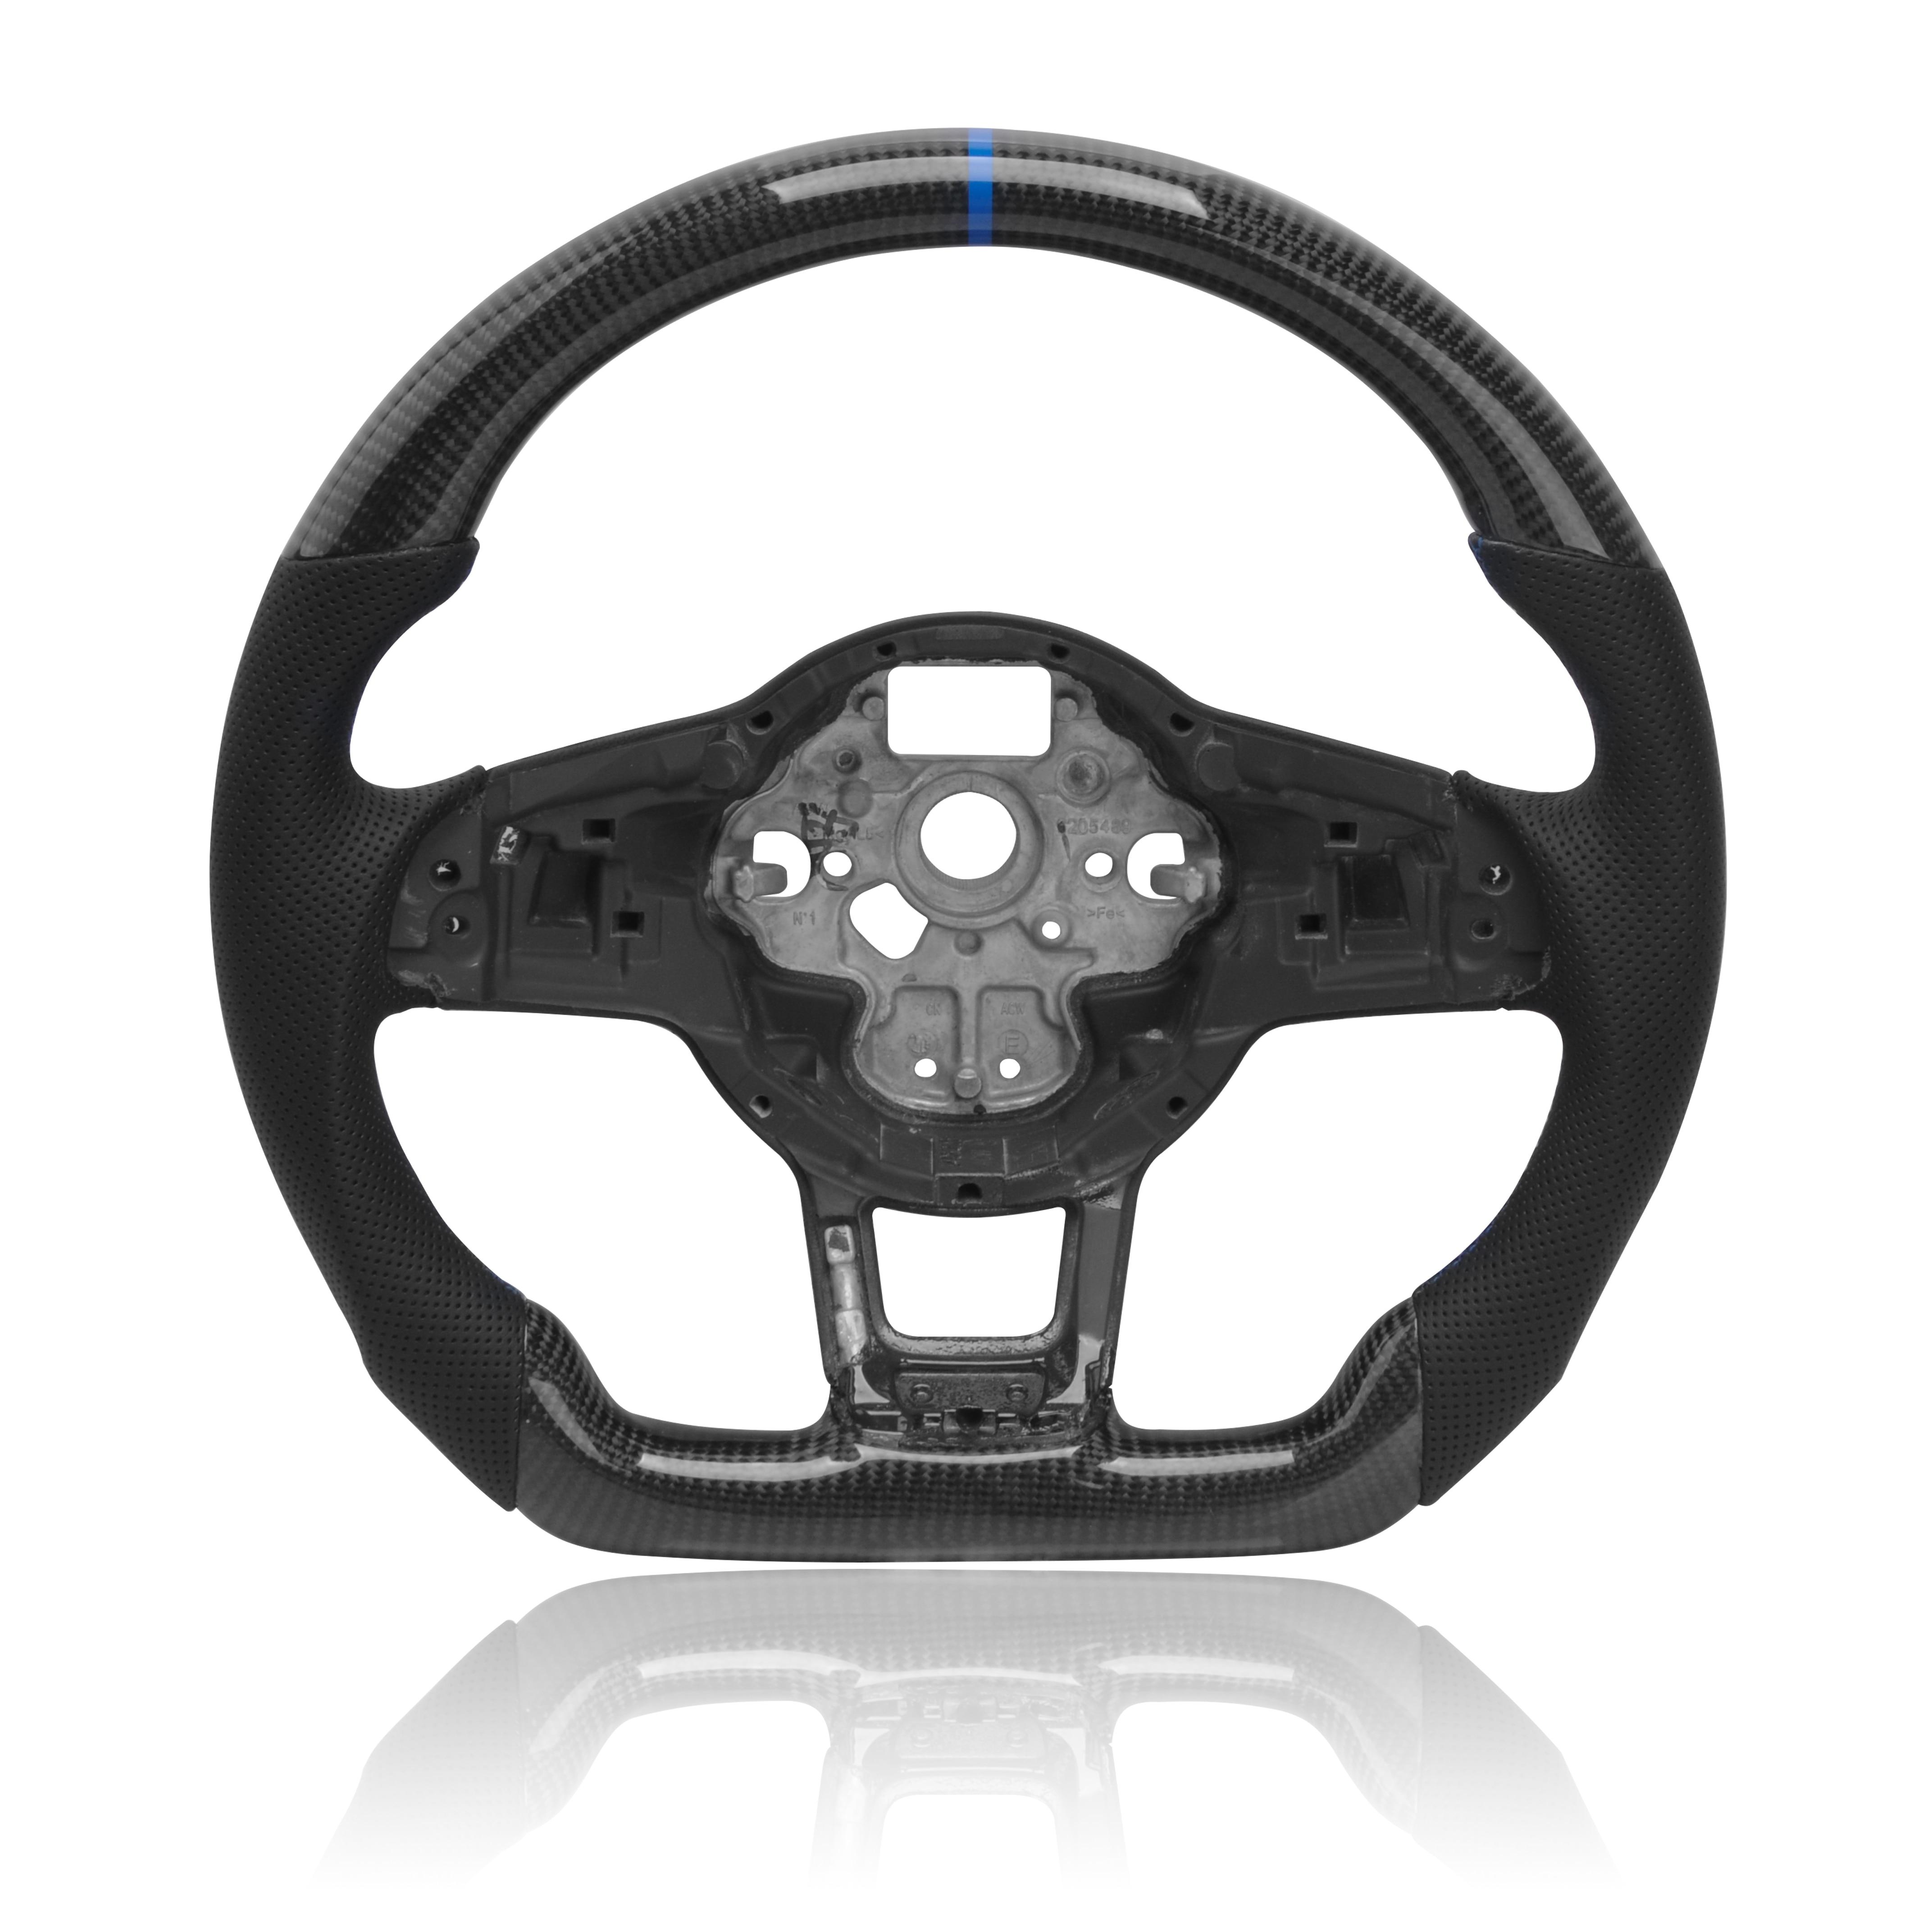 Рулевое колесо из углеродного волокна для MK7.5 GTI R для Volkswagen Golf MK7, заднее ПЕРФОРИРОВАННОЕ кожаное рулевое колесо в сборе